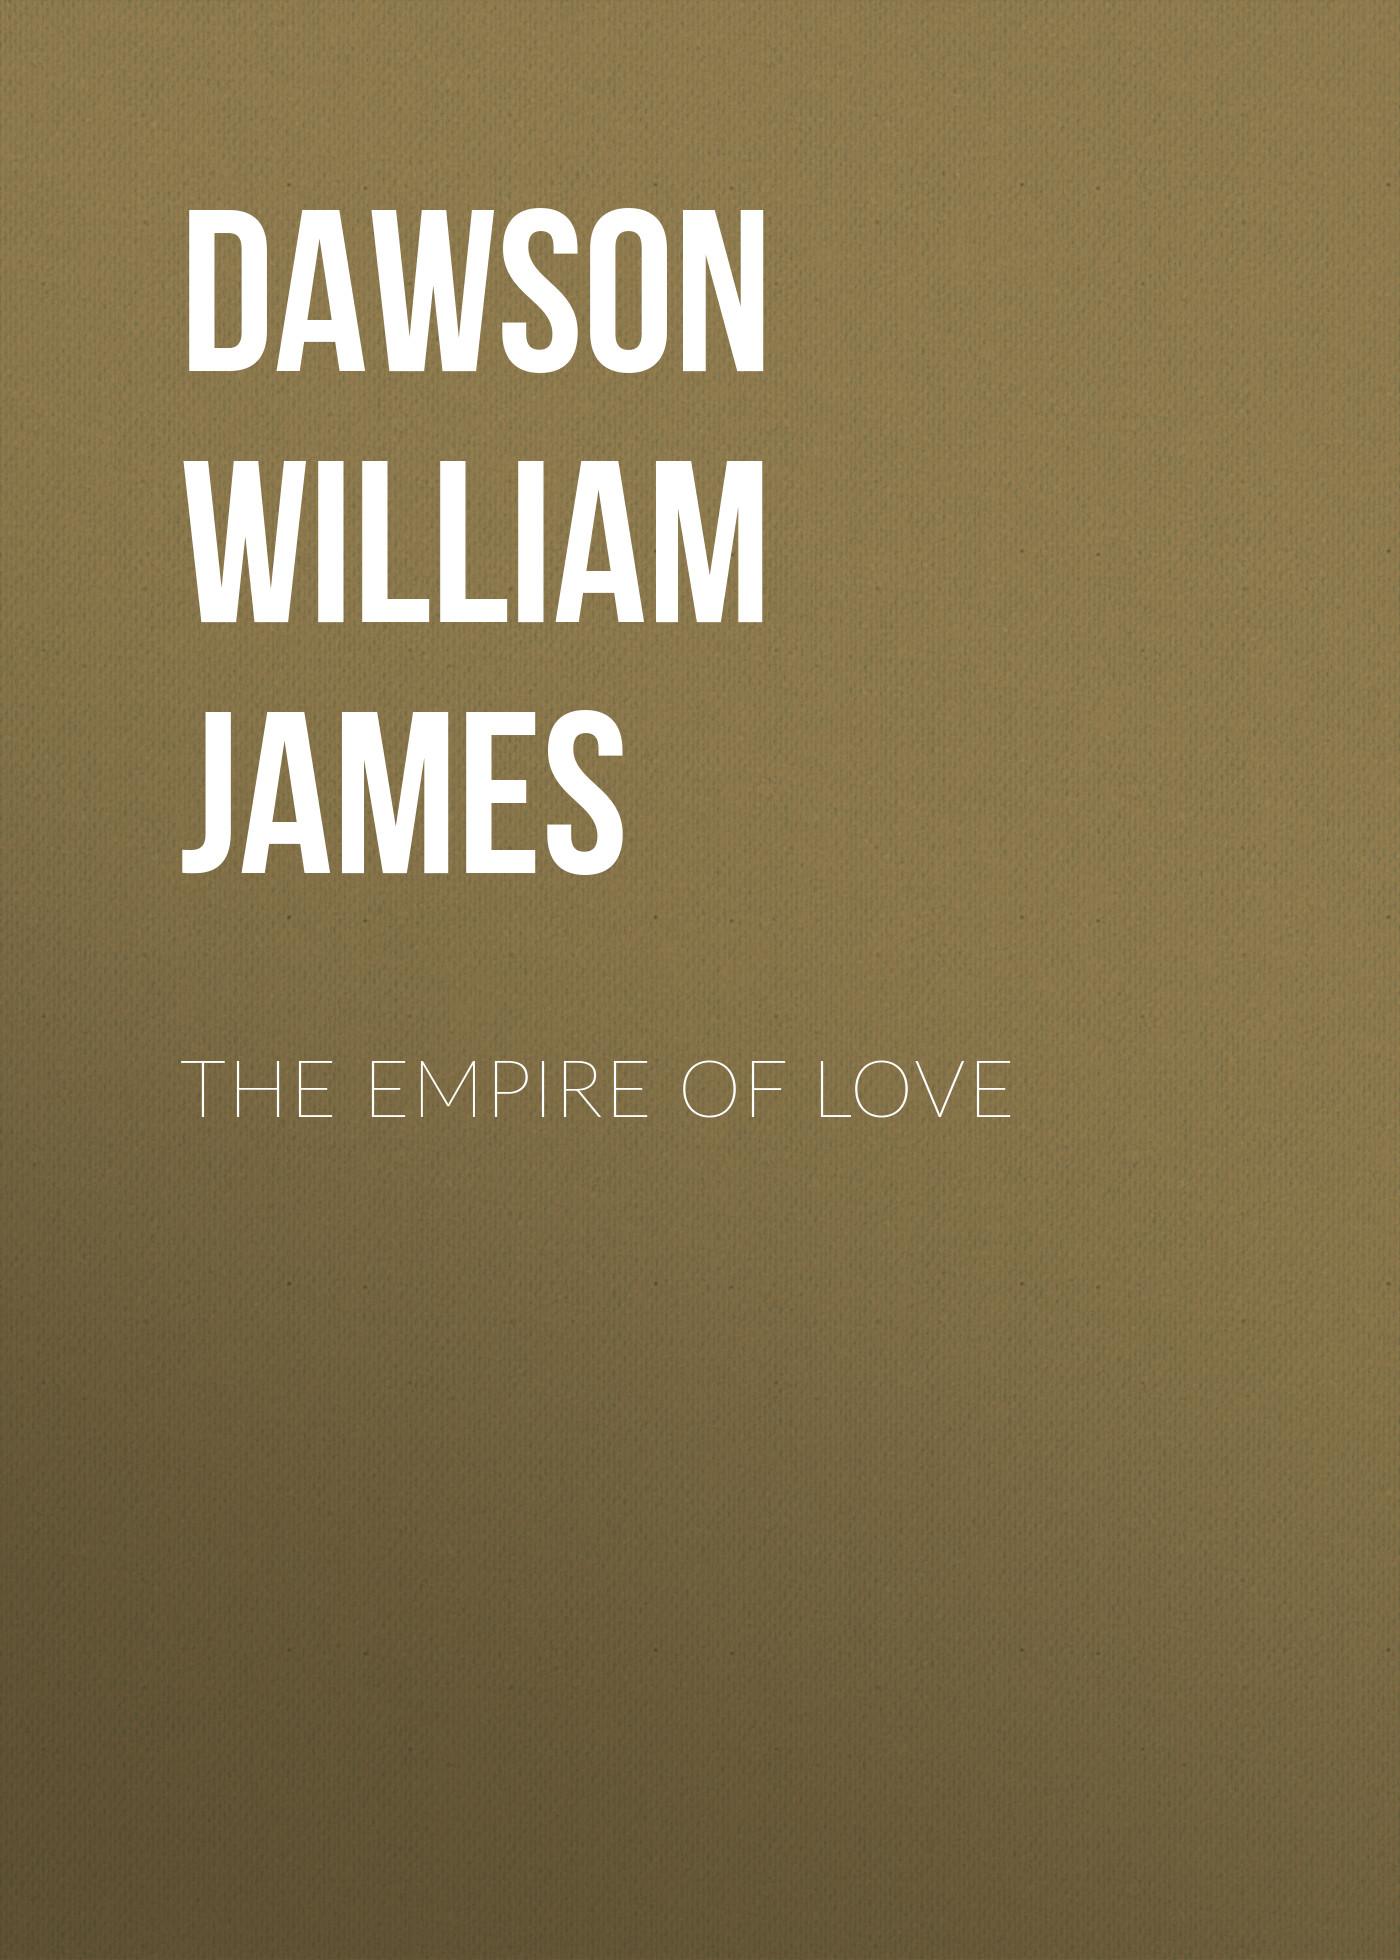 Dawson William James The Empire of Love